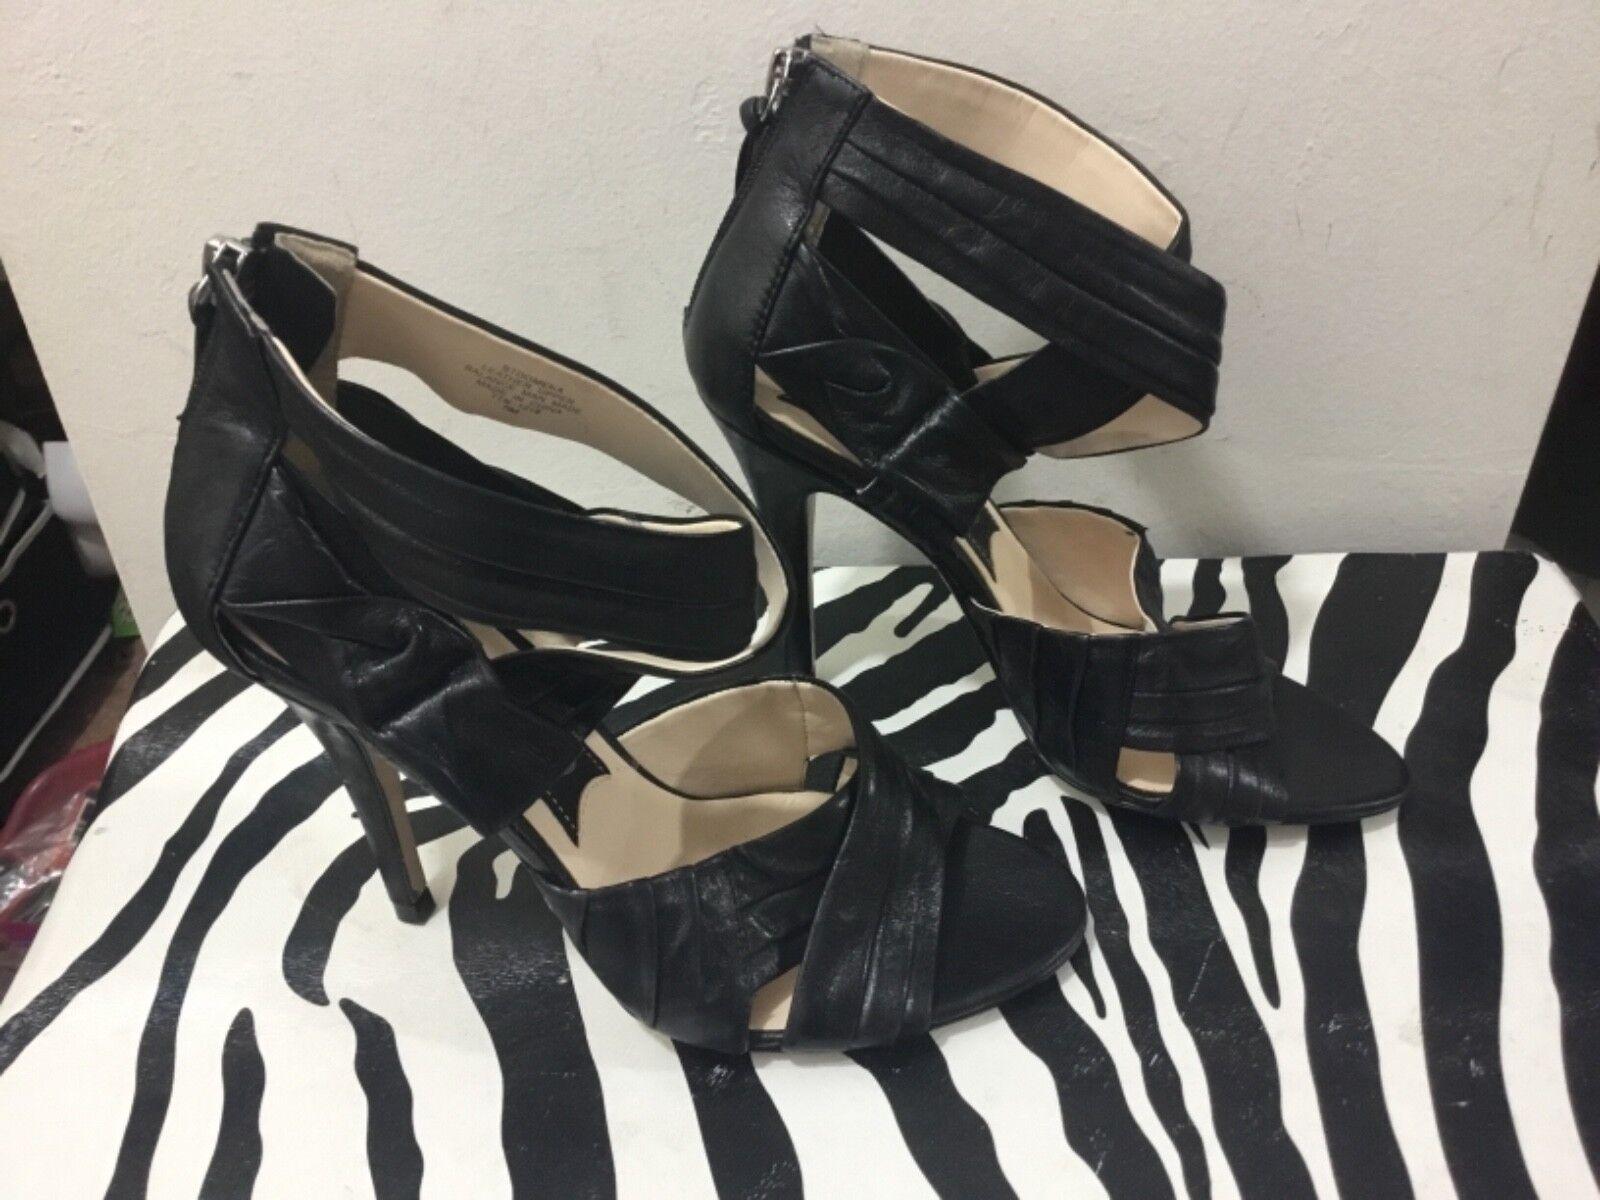 Boutique 9 ladies Größe 7.5 schwarz strappy Leder zipper back ankle strappy schwarz heels 8b90c4